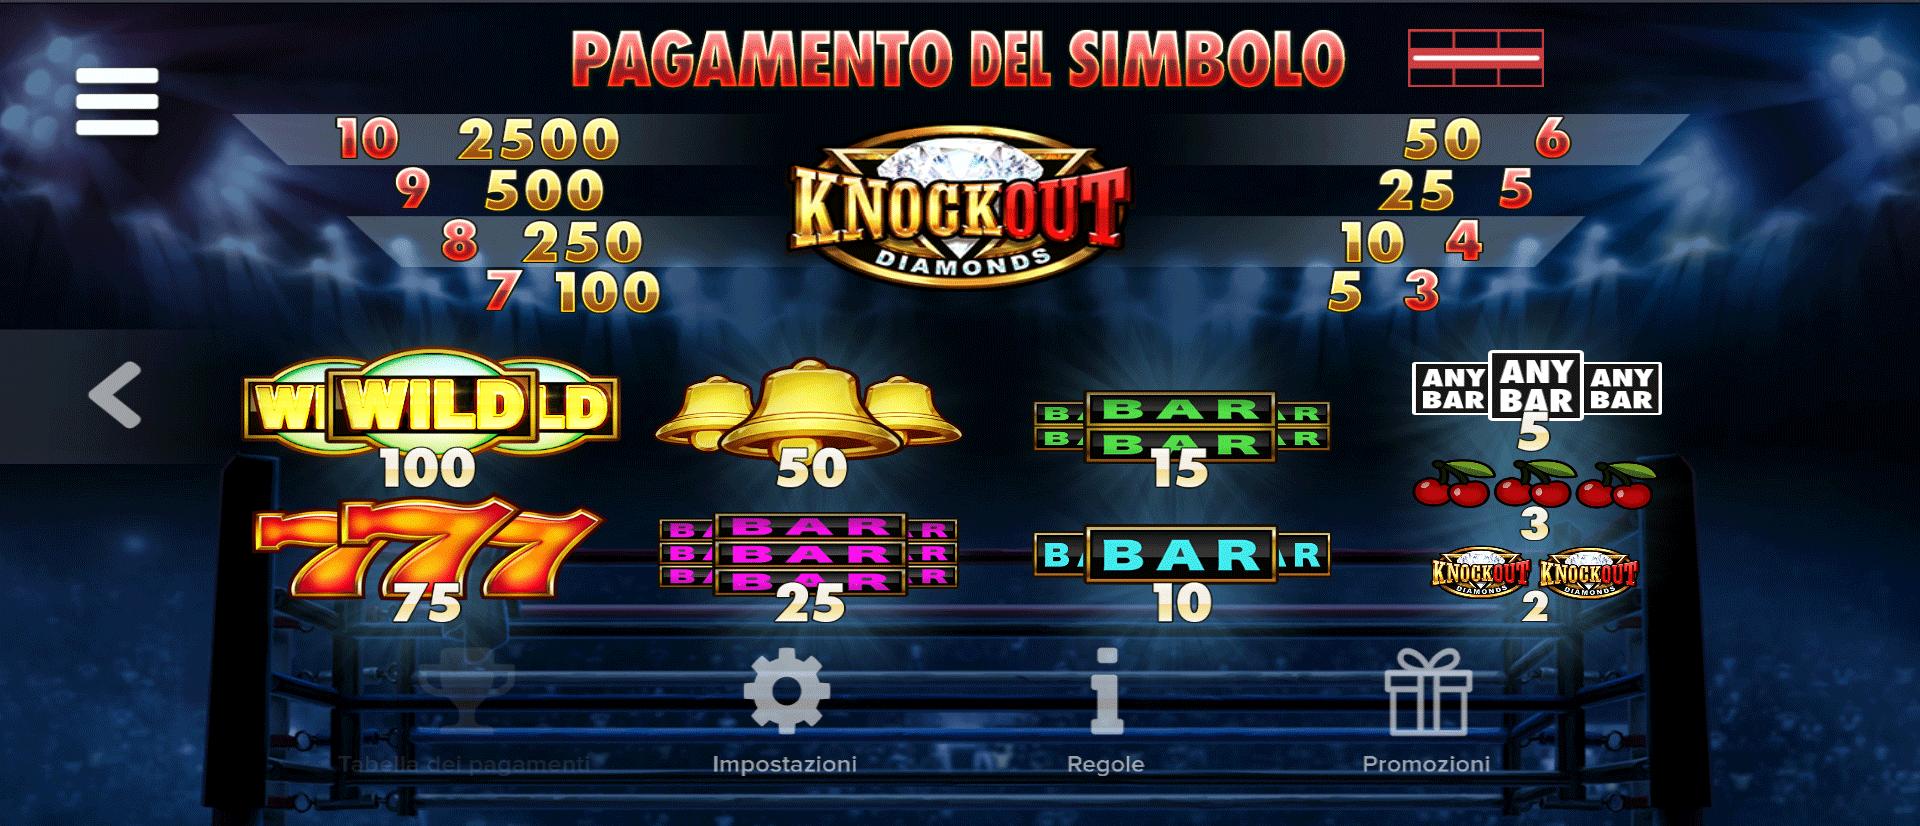 tabella dei pagamenti della slot online knockout diamonds